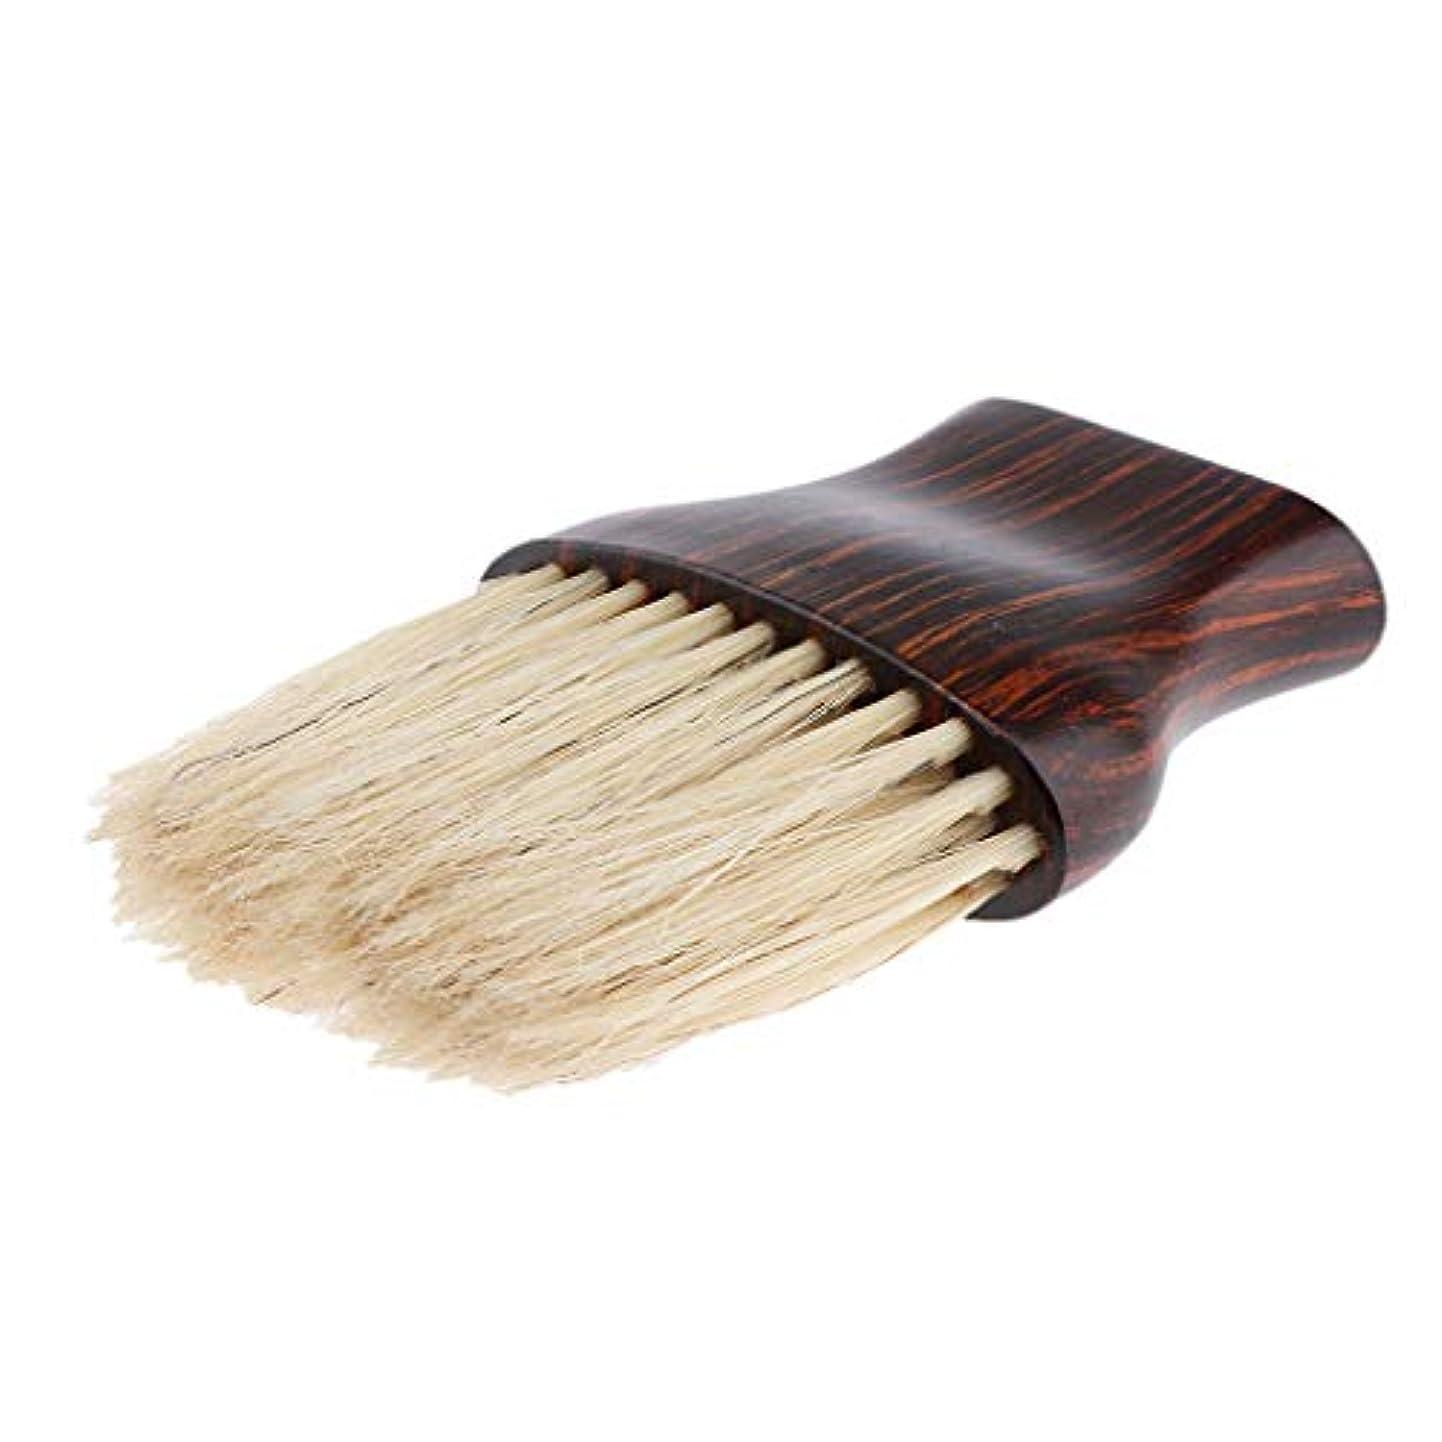 まどろみのある根絶する稚魚F Fityle ネックダスターブラシ ヘアカットブラシ クリーニング ヘアブラシ 理髪美容ツール